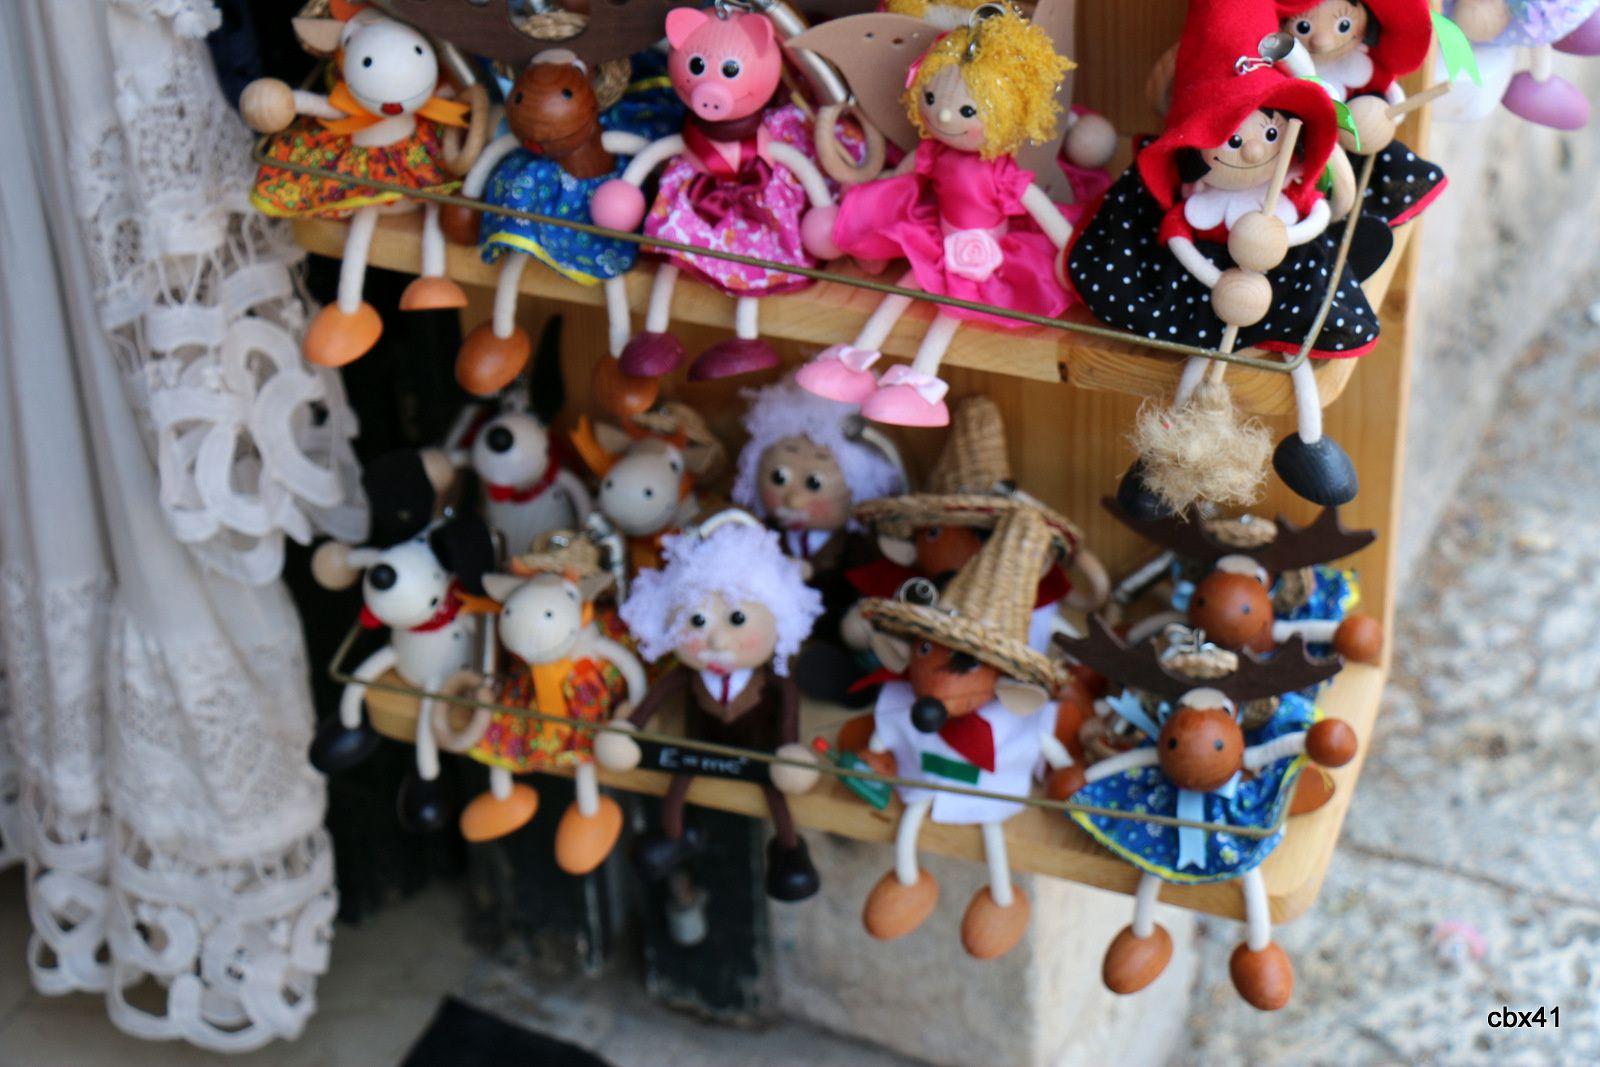 Boutique de poupées dans la vieille ville de Dubrovnik (Croatie)